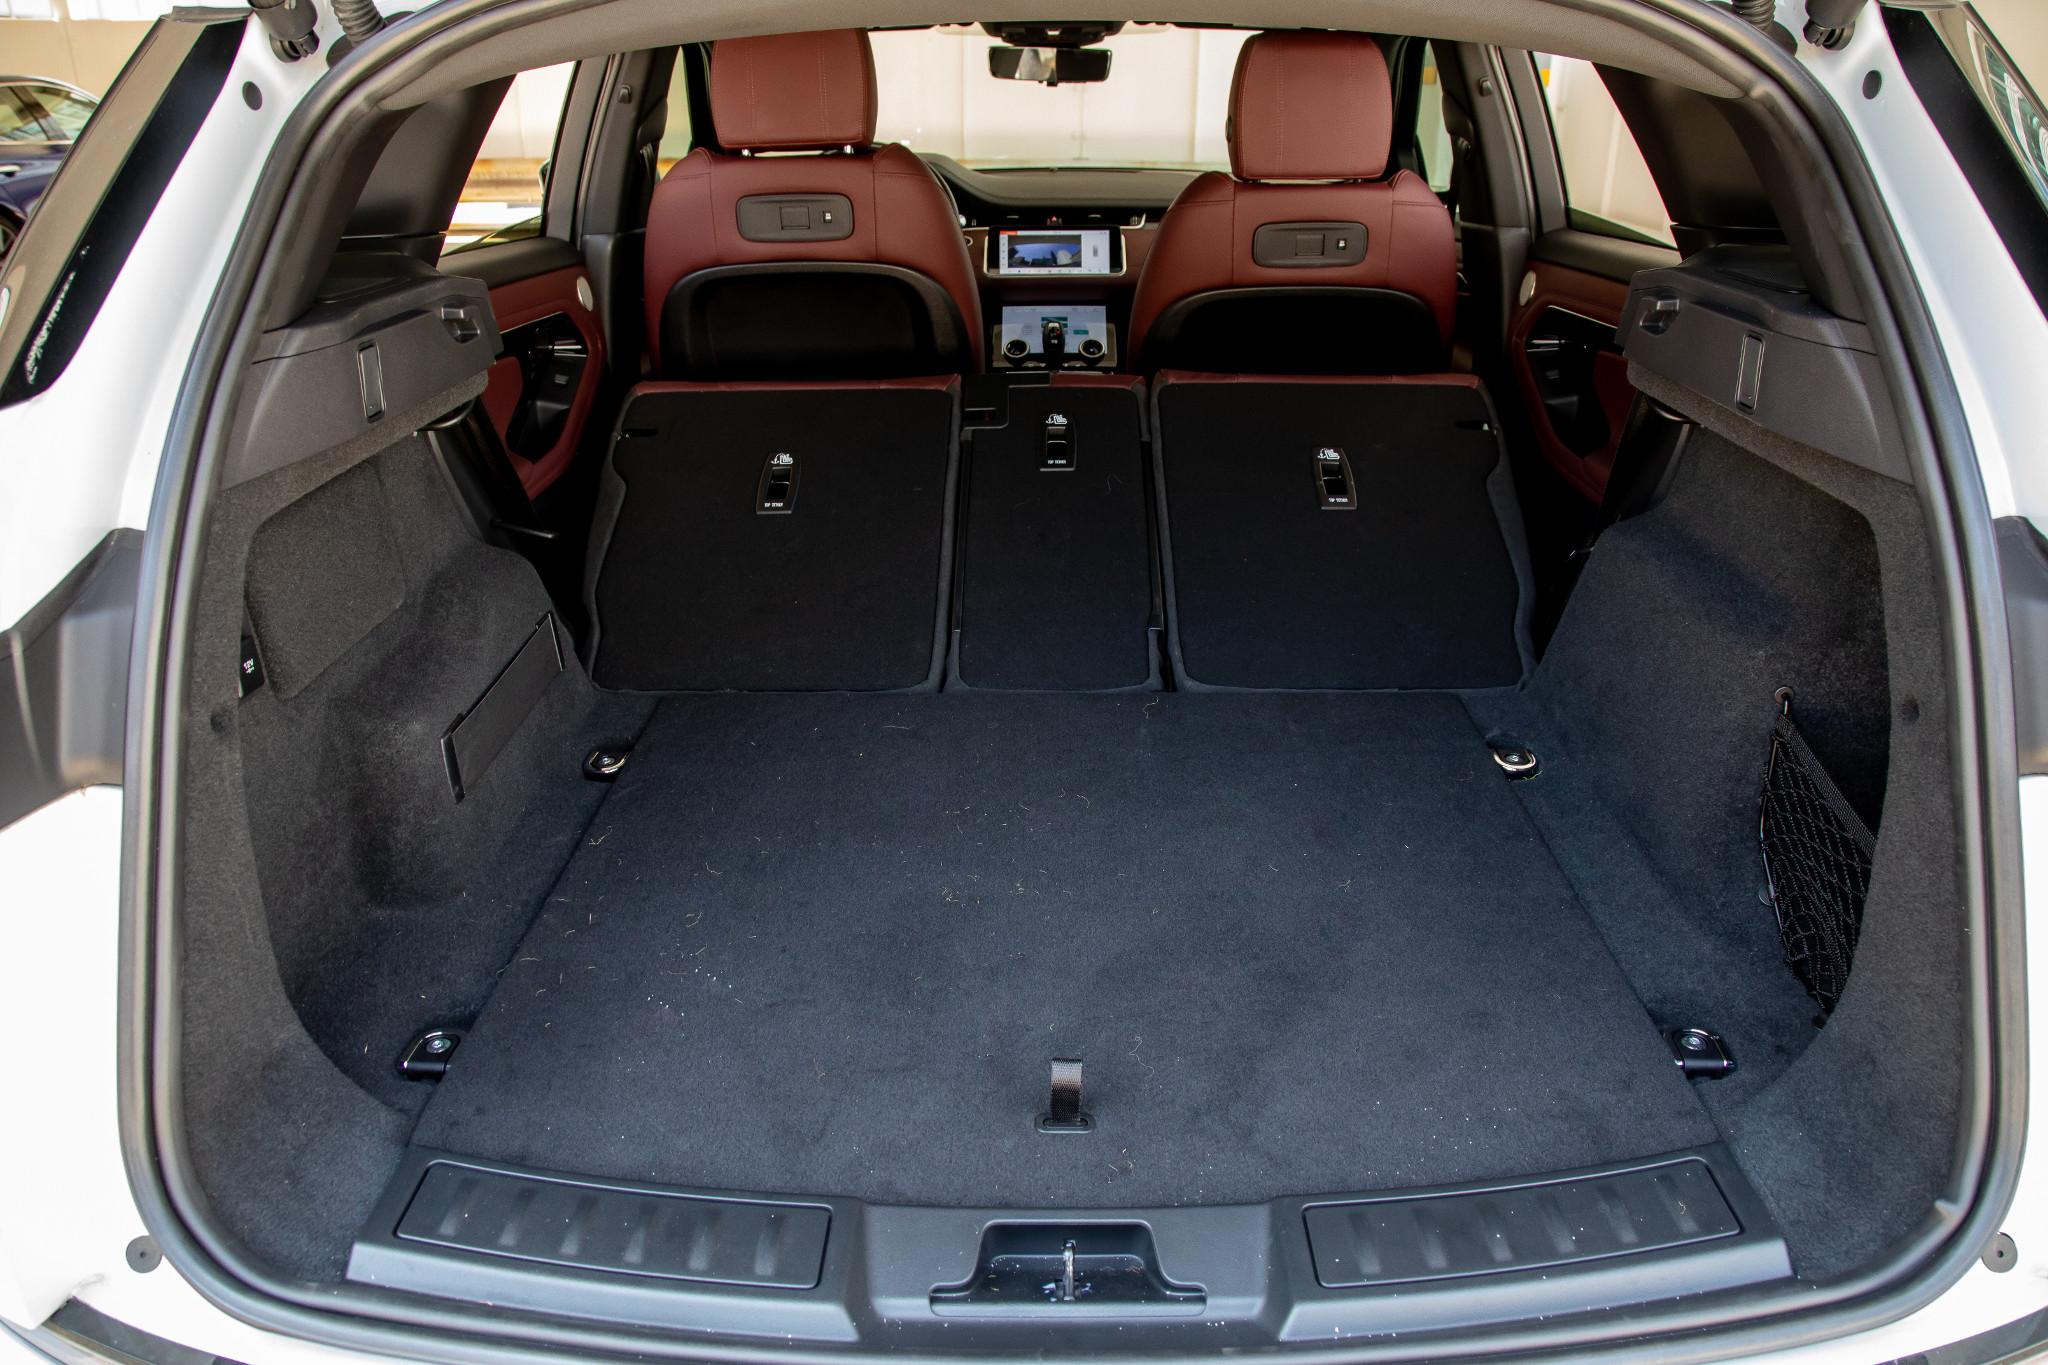 land-rover-range-rover-evoque-2020-53-folding-seats--interior--trunk.jpg